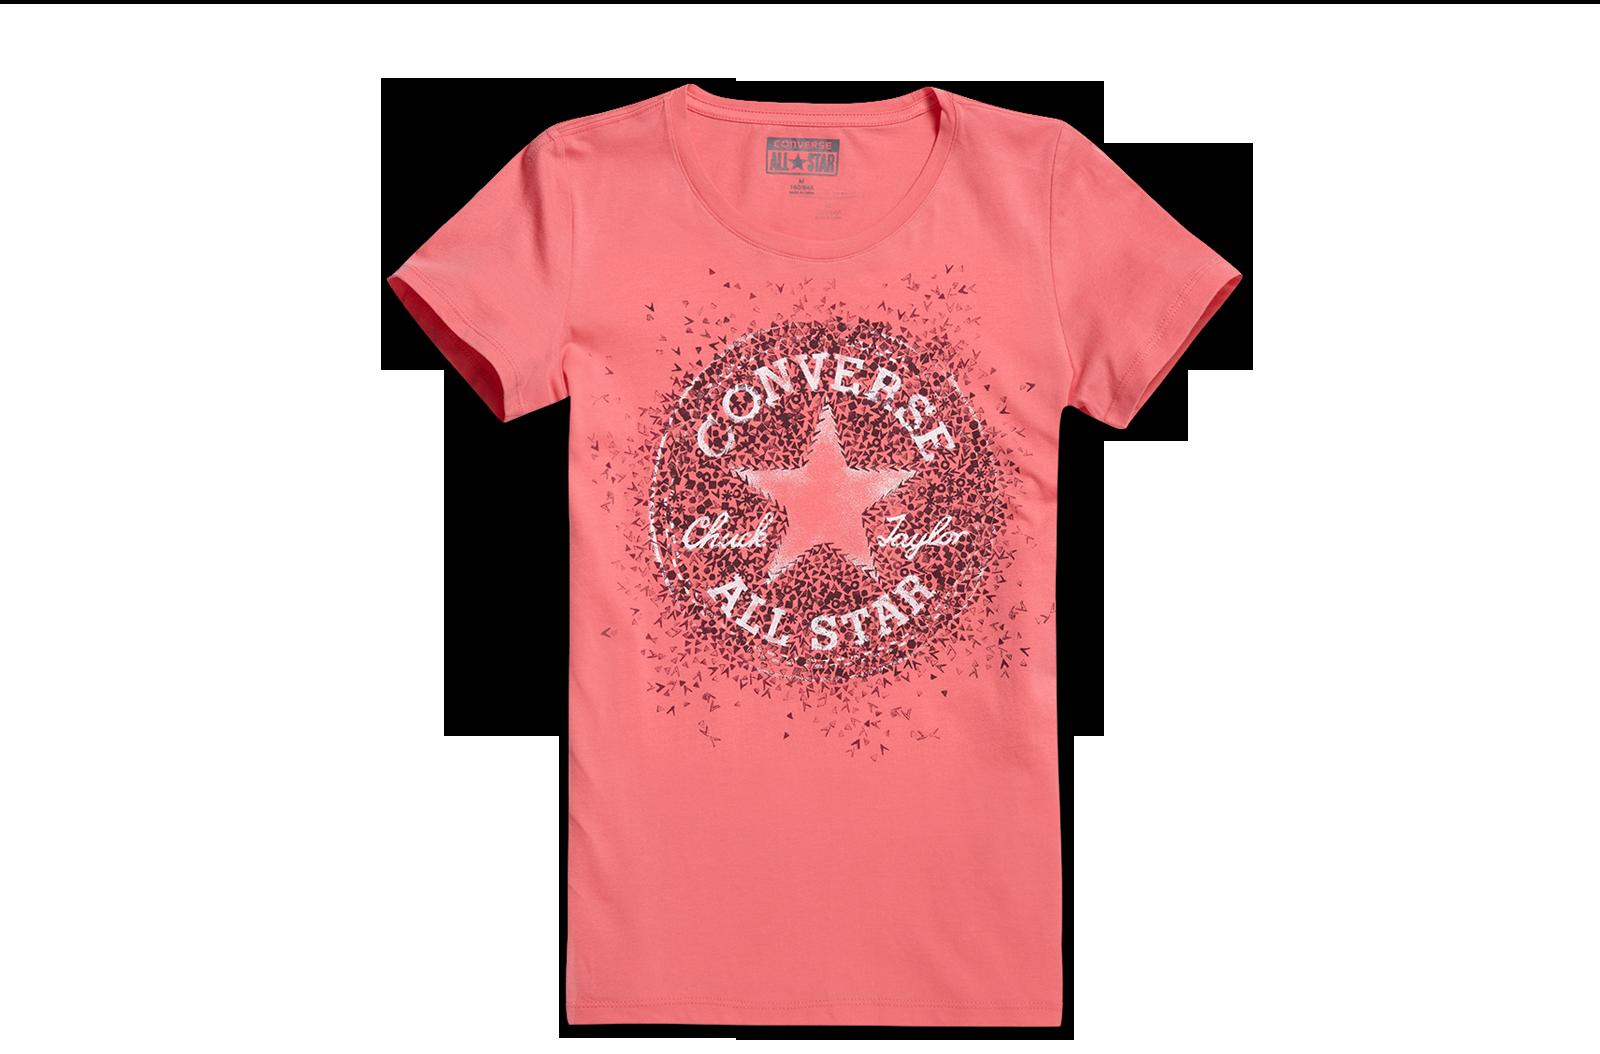 几何logo印花短袖t恤 女款图片